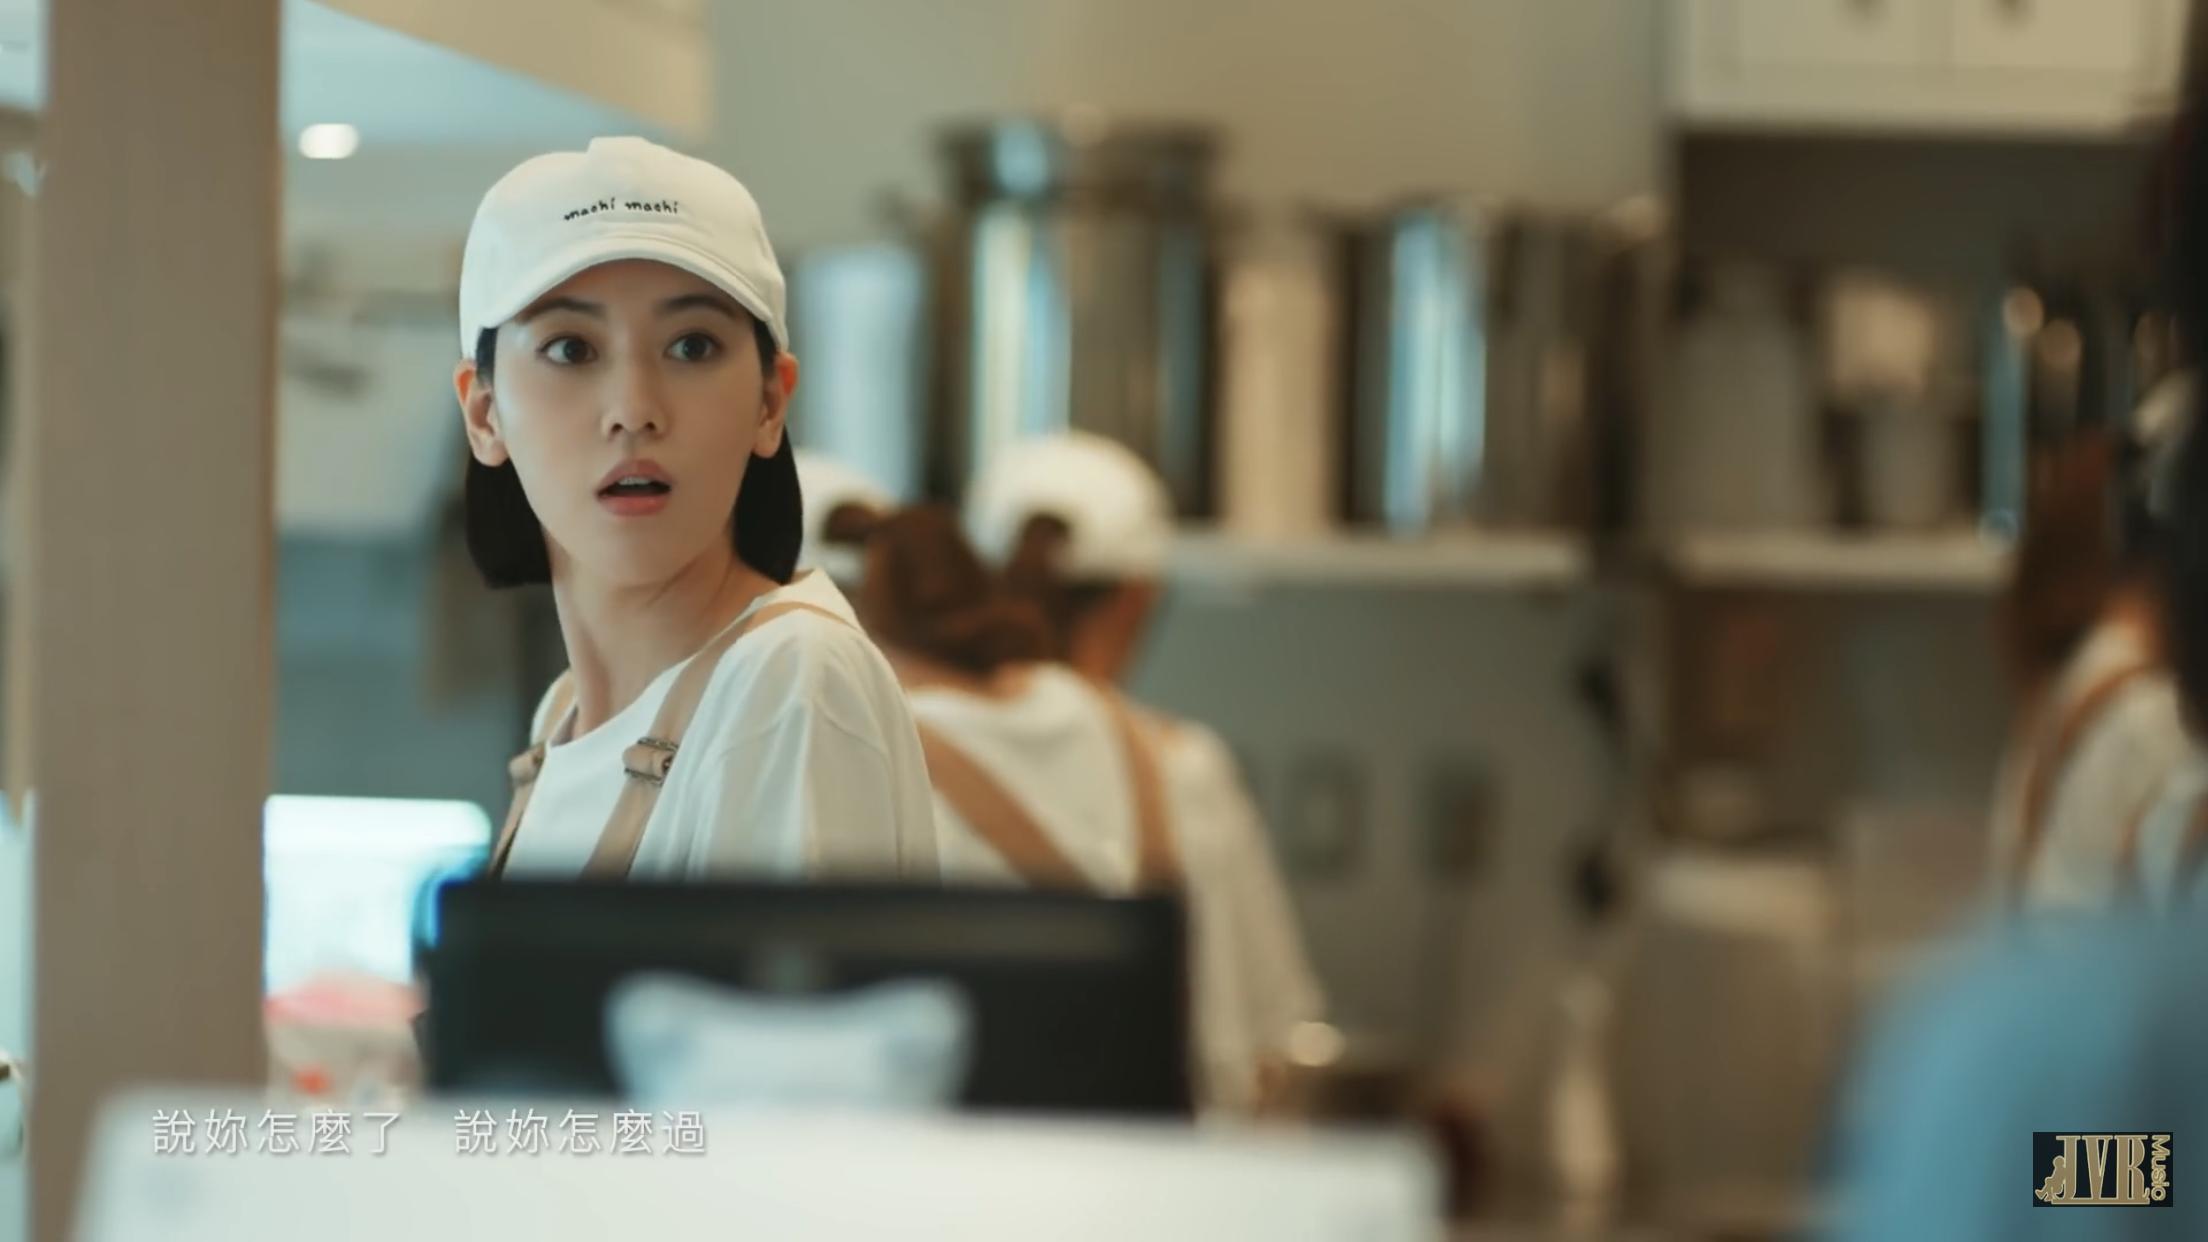 亚博注册看完《说好不哭》MV,才明白周杰伦还是那个自恋小可爱